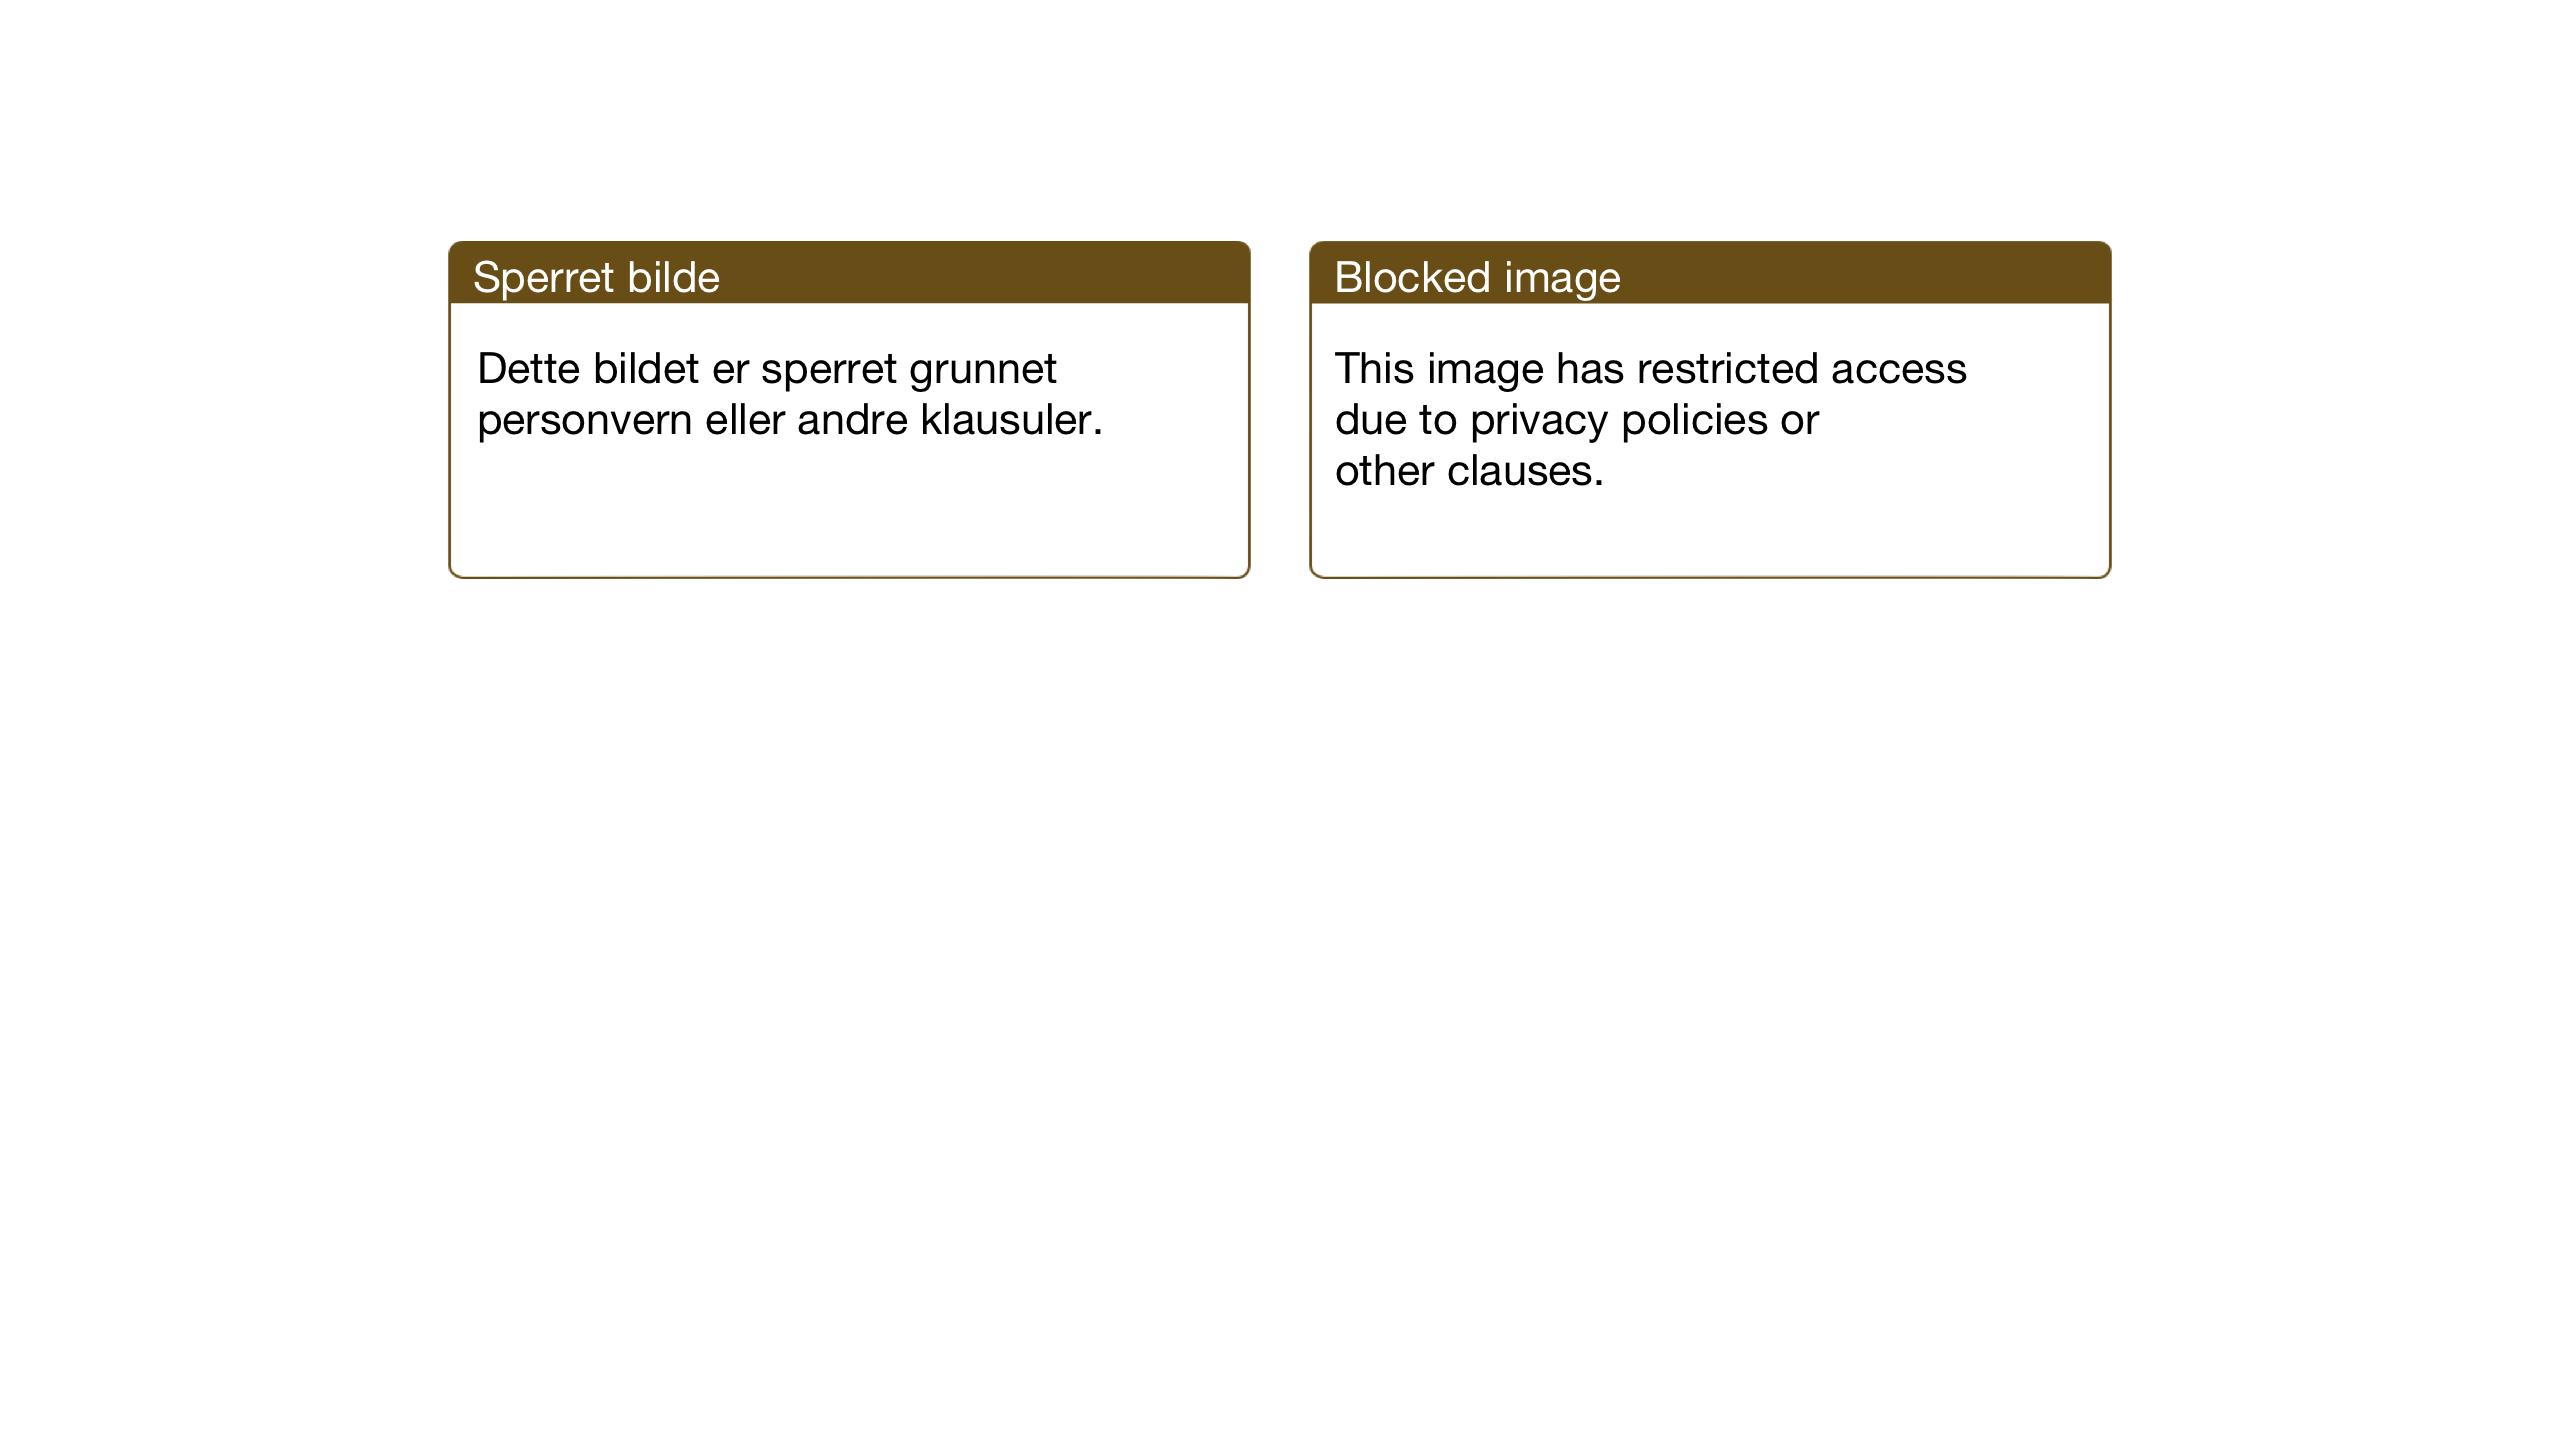 SAT, Ministerialprotokoller, klokkerbøker og fødselsregistre - Nord-Trøndelag, 774/L0631: Klokkerbok nr. 774C02, 1934-1950, s. 49